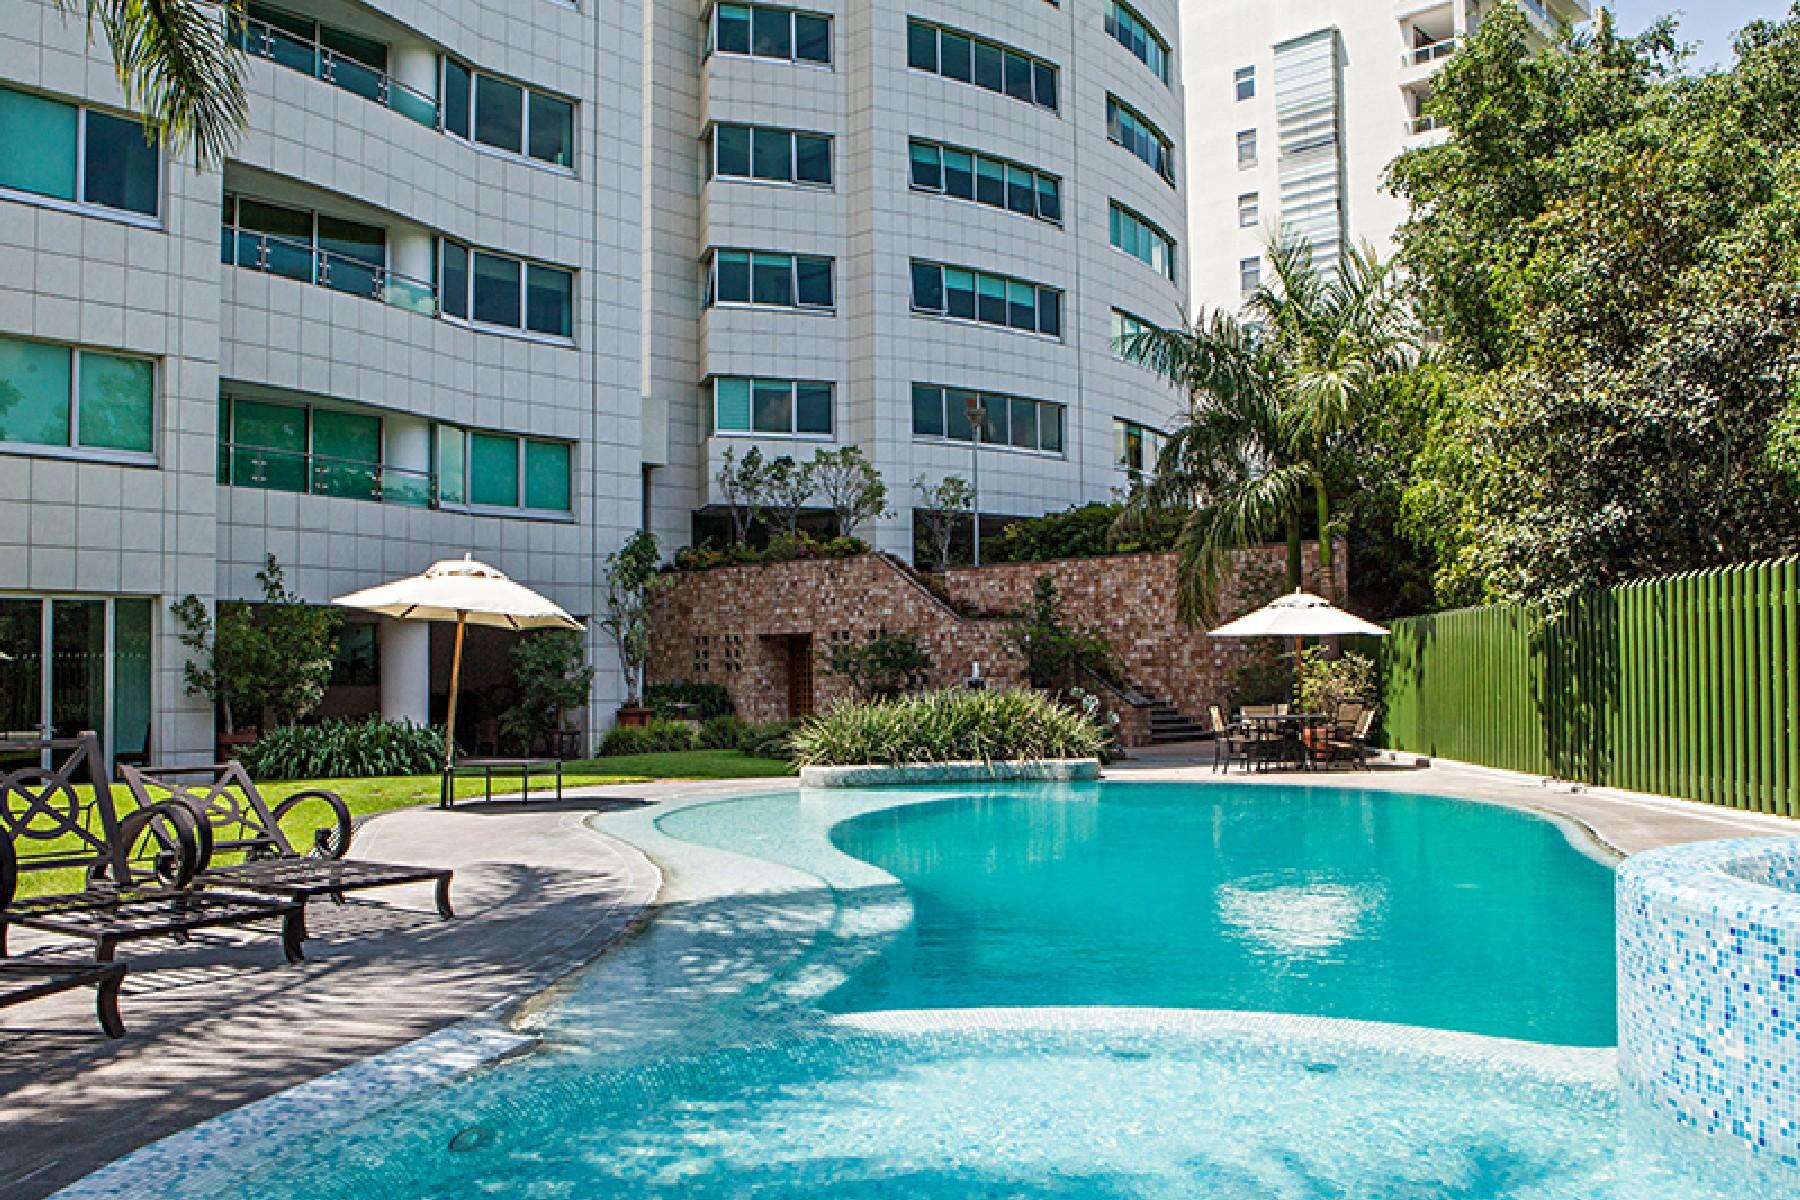 Apartment for Sale at Torre Myth 3 - 08, Guadalajara Country Club Guadalajara, Jalisco 44610 Mexico